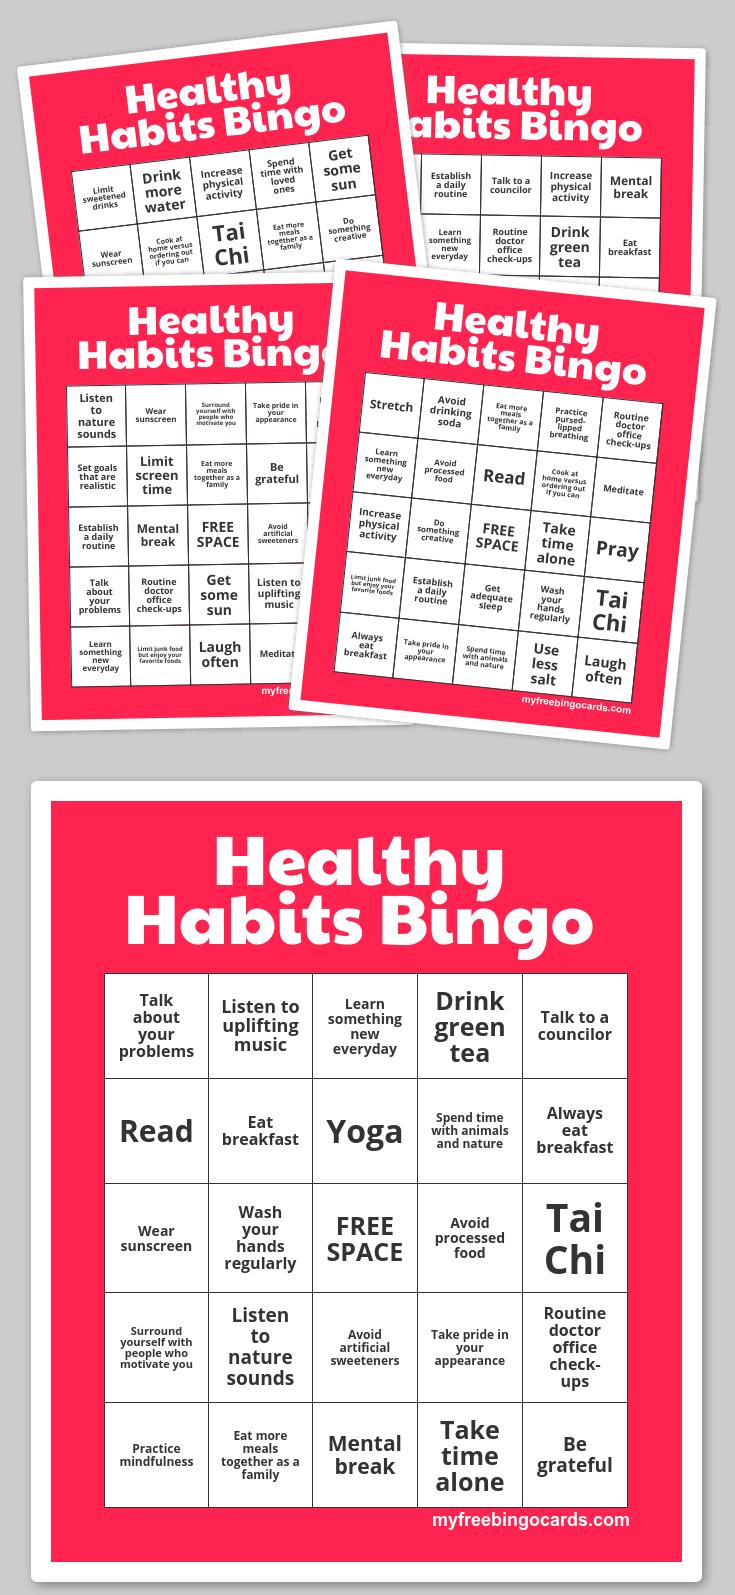 Healthy Habits Bingo | Free Printable Bingo Cards, Bingo